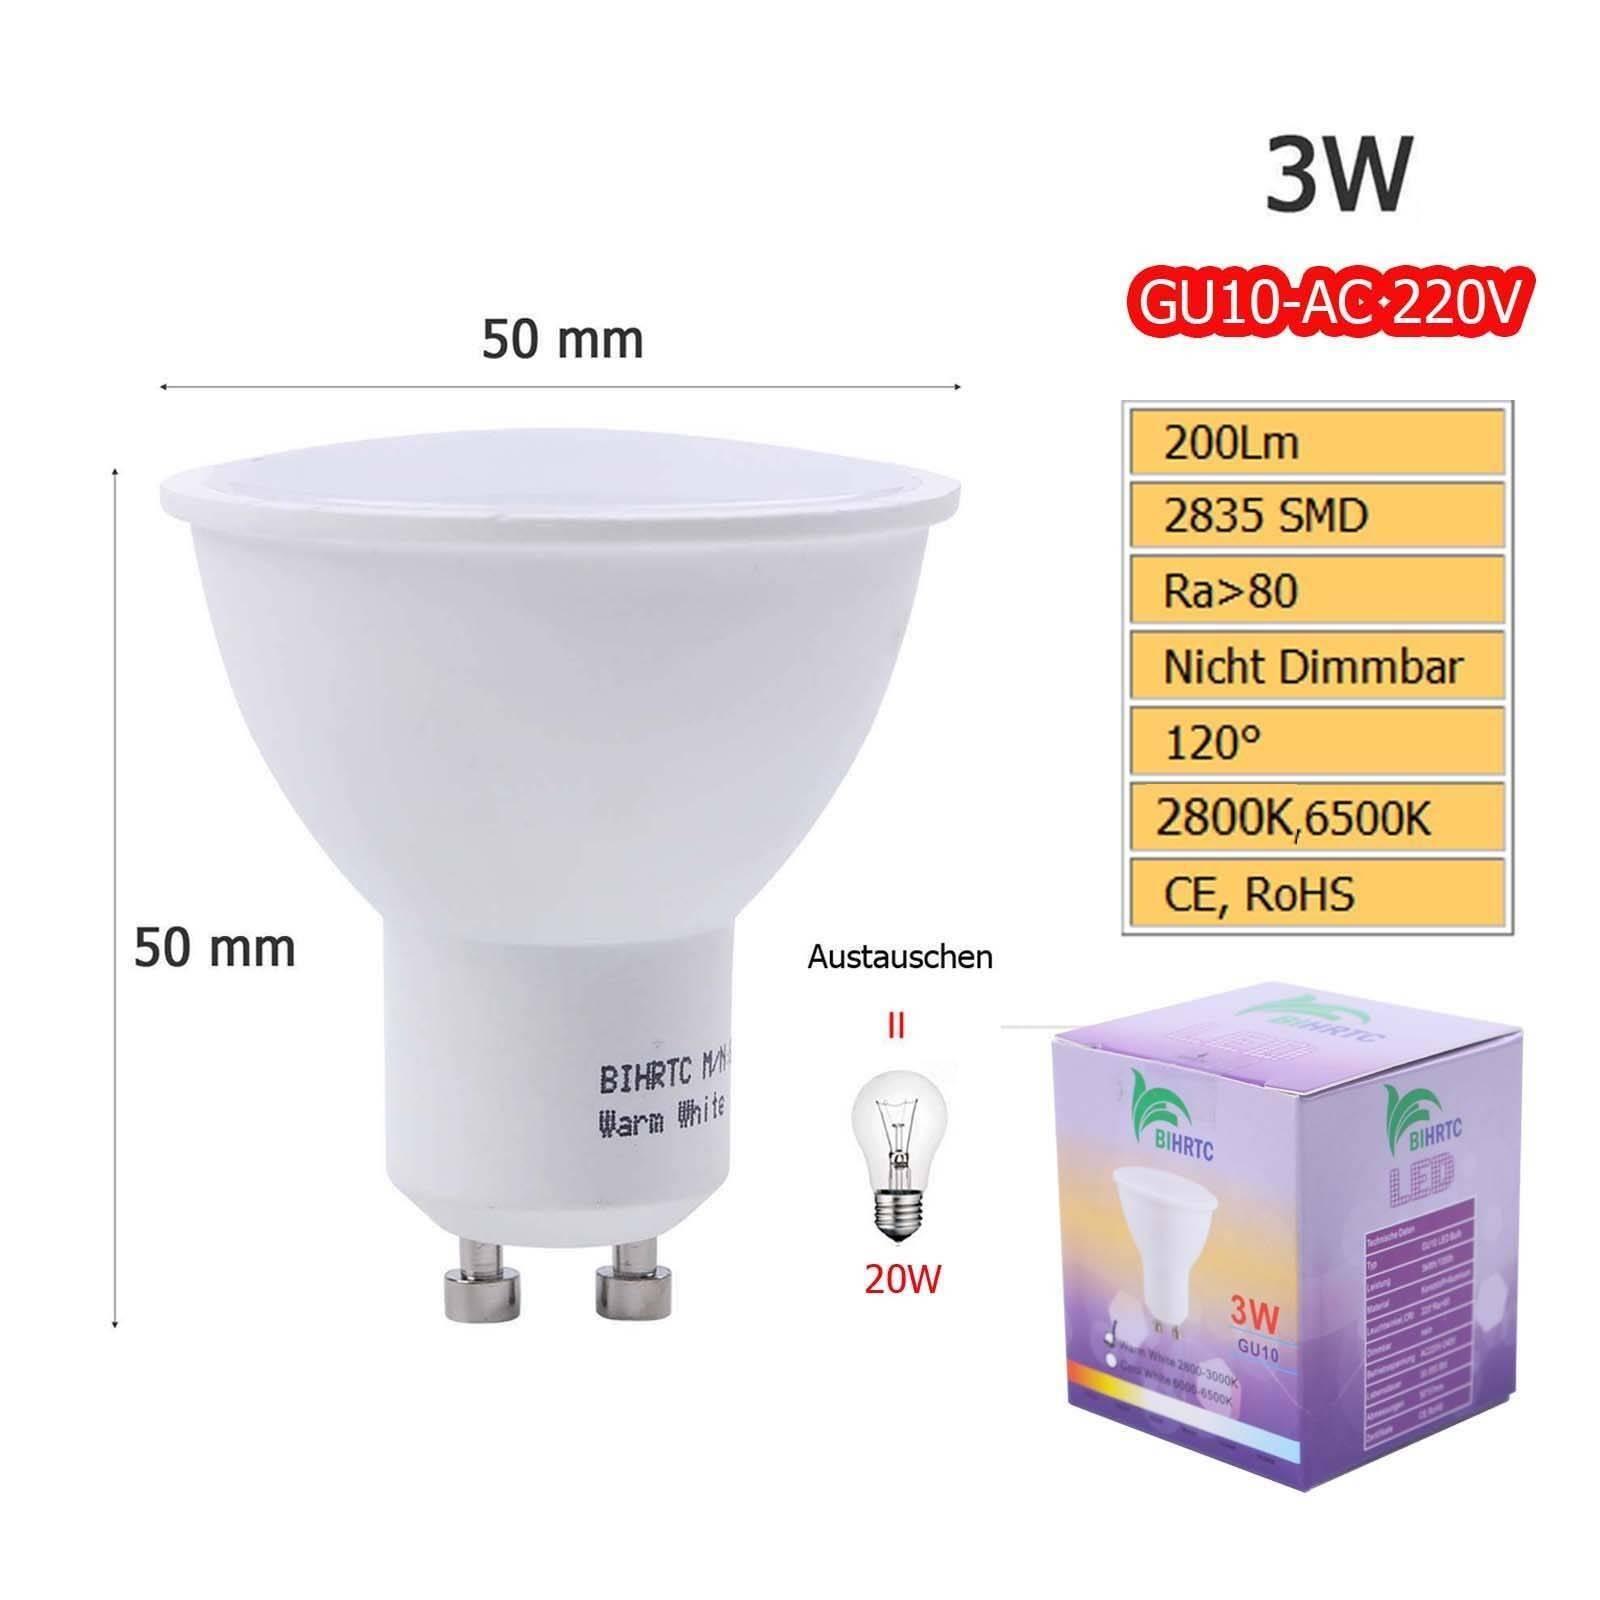 GU10 GU10 GU10 MR16 MR11 2W 3W 4W 5W LED Glühbirne Strahler Lampe Spot Leuchtmittel Leucht     | Vielfältiges neues Design  | Exquisite Handwerkskunst  | Niedriger Preis  c0df36